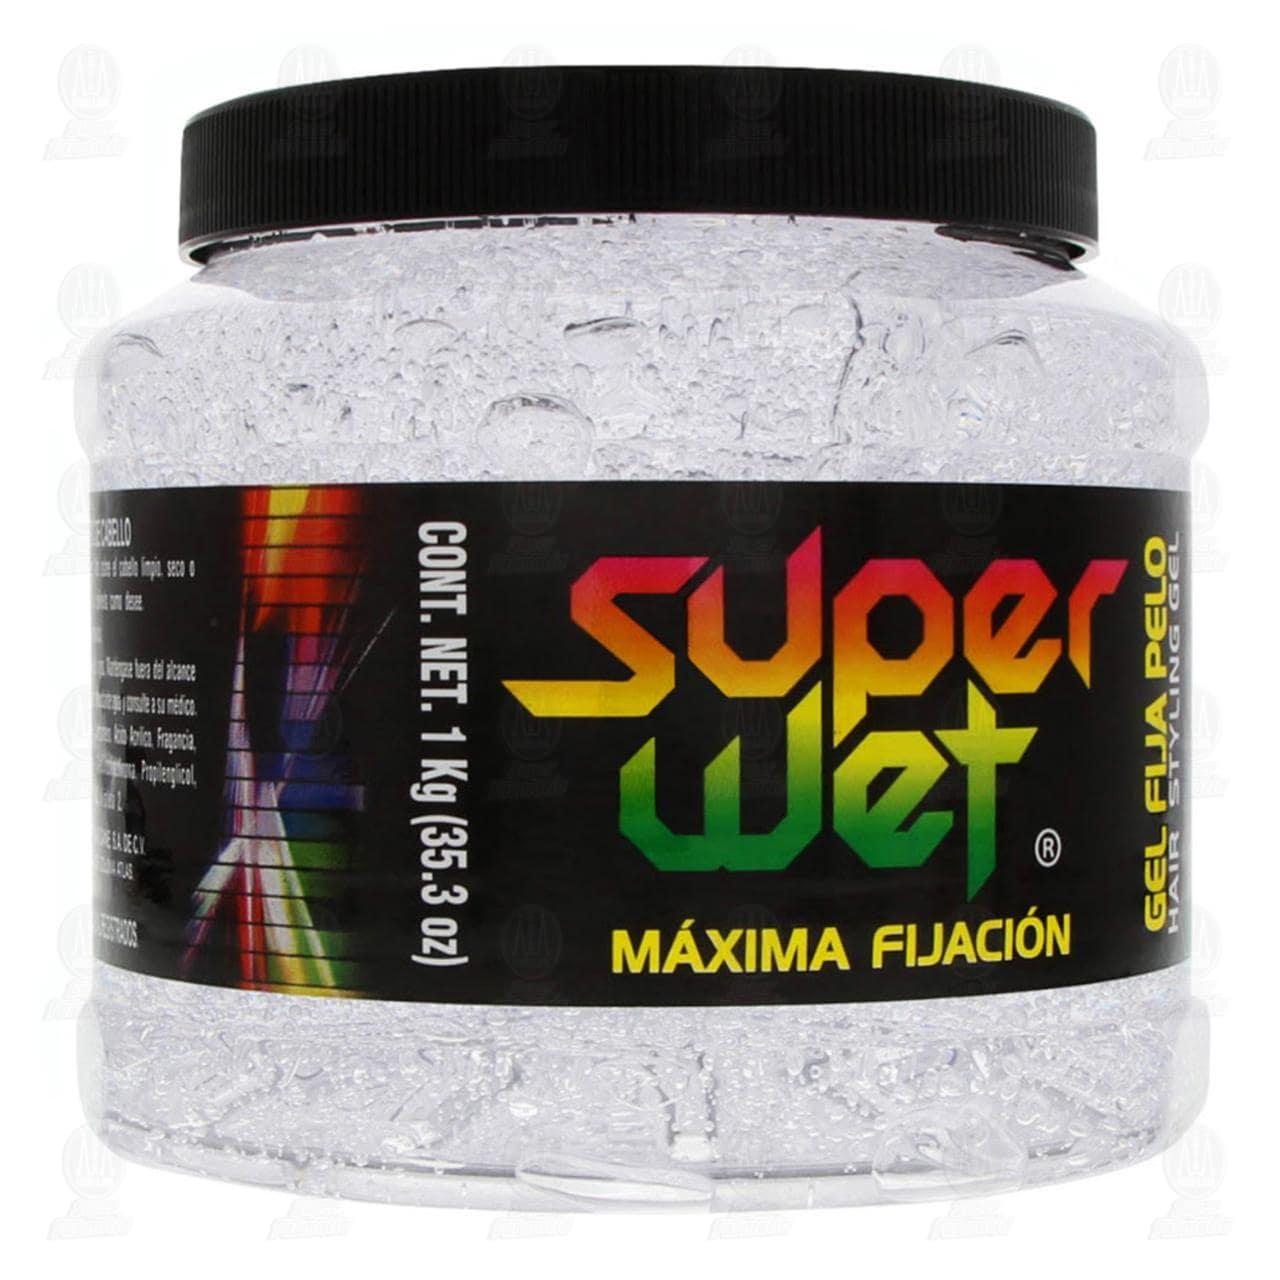 Comprar Gel para Cabello Super Wet Máxima Fijación, 1 kg. en Farmacias Guadalajara